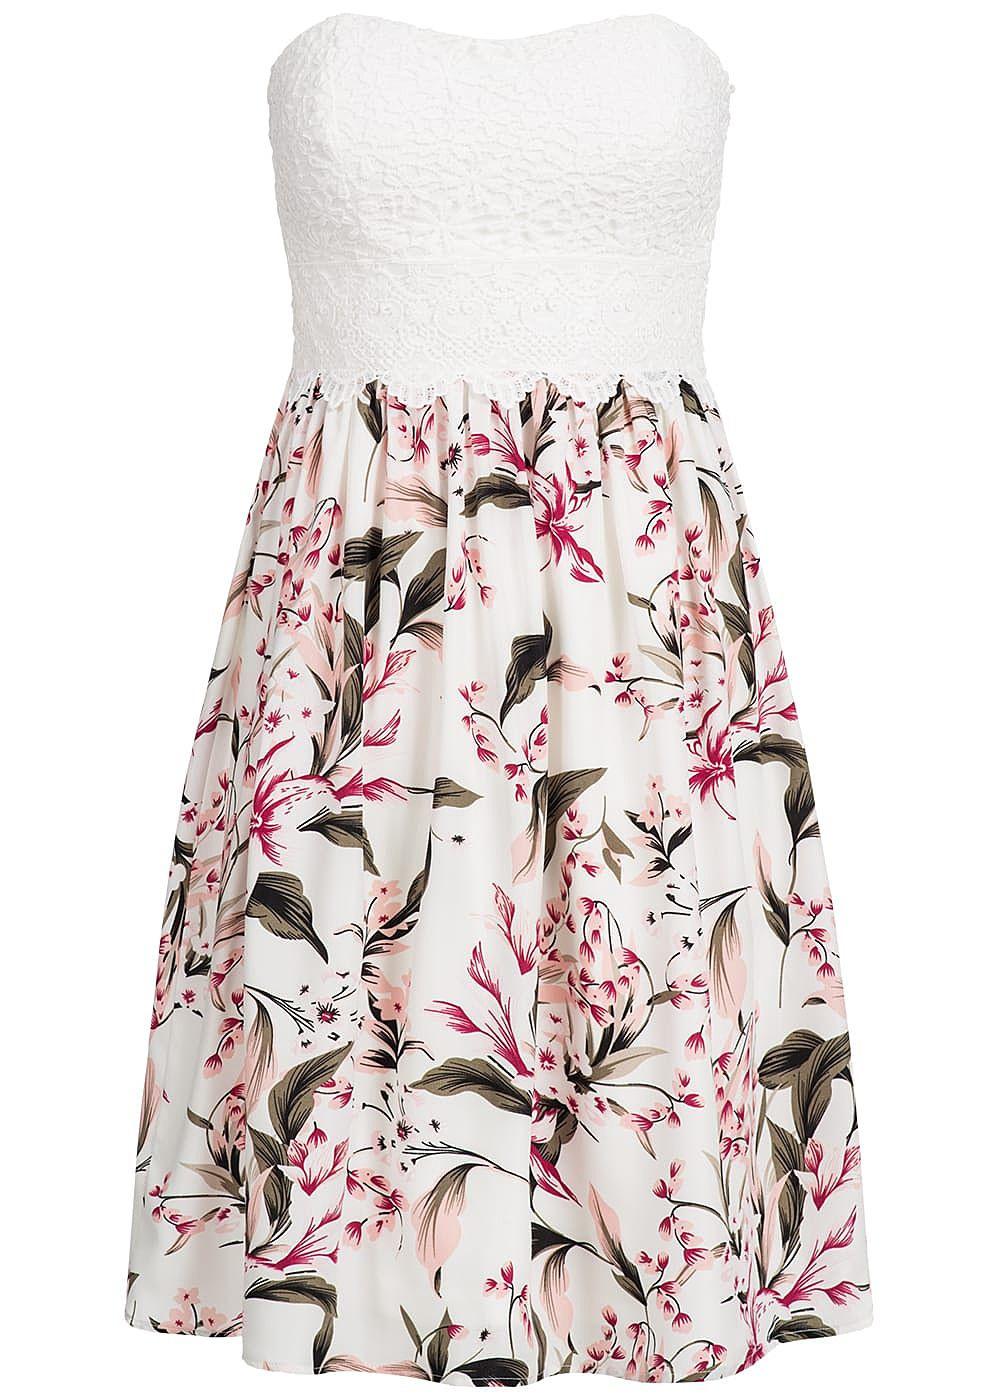 20 Top Kleid Weiß Blumen Design20 Leicht Kleid Weiß Blumen Galerie